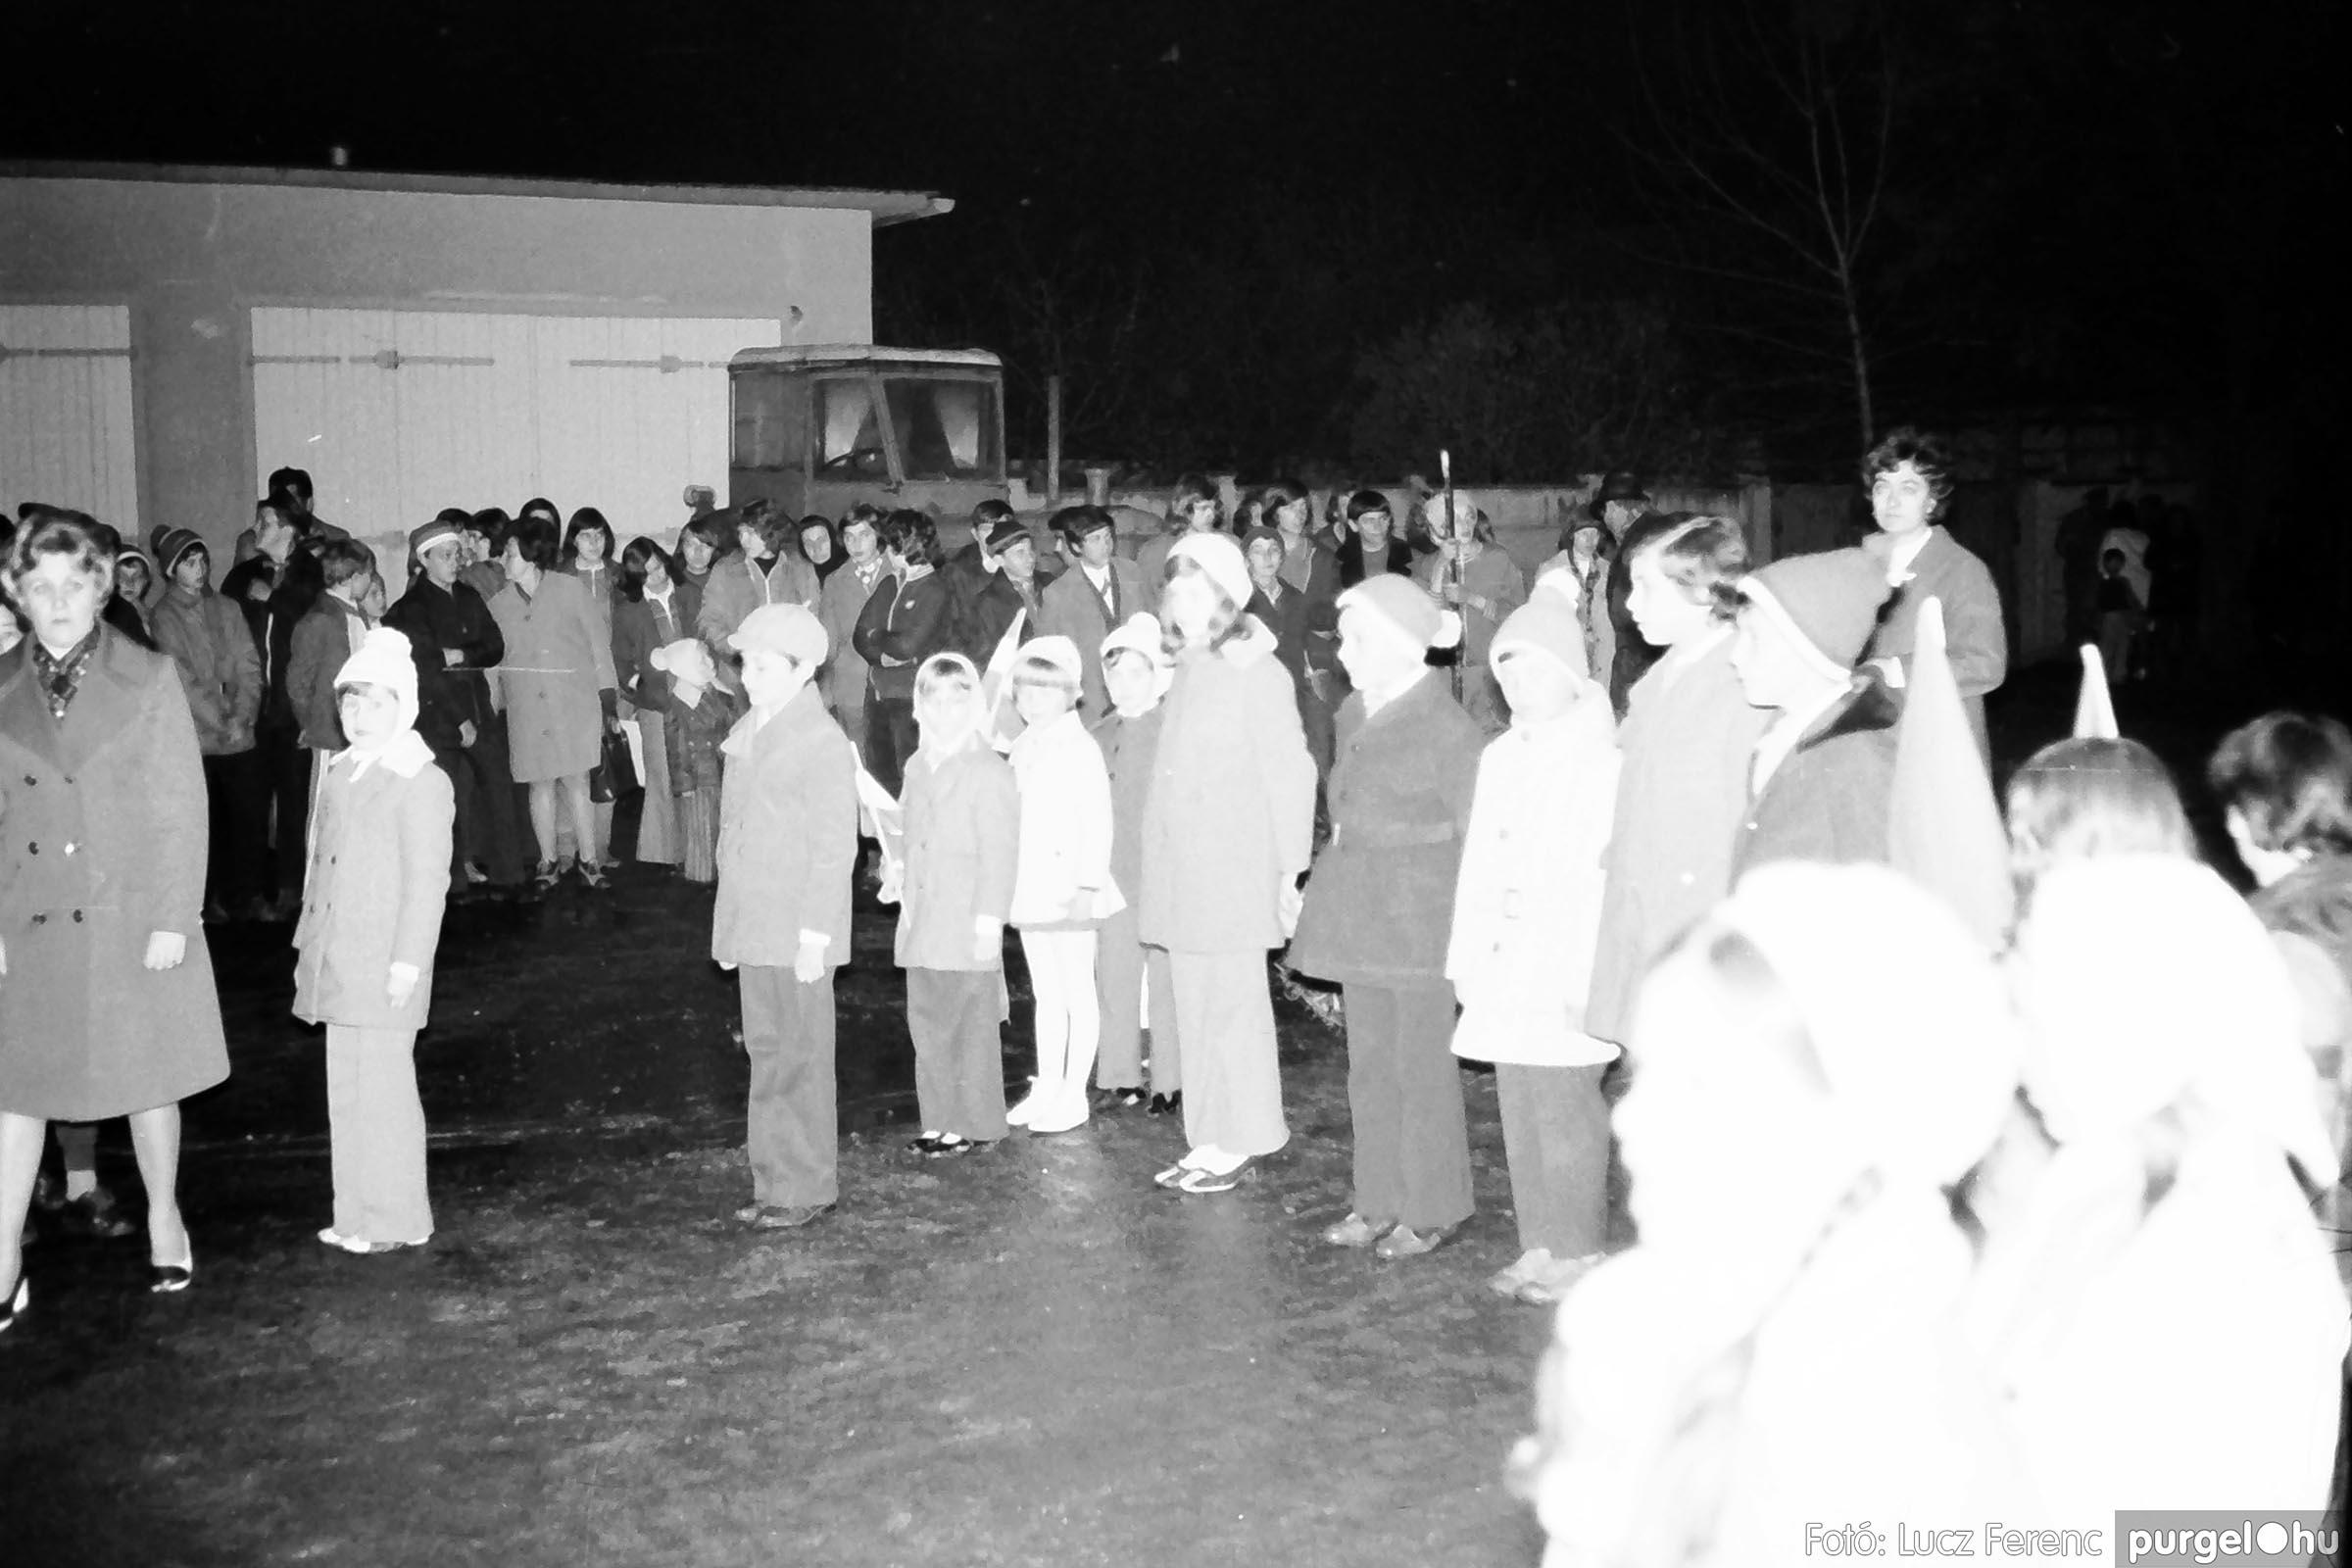 009 1975.04. Tűzgyújtás a kultúrház előtt 002 - Fotó: Lucz Ferenc IMG00184q.jpg